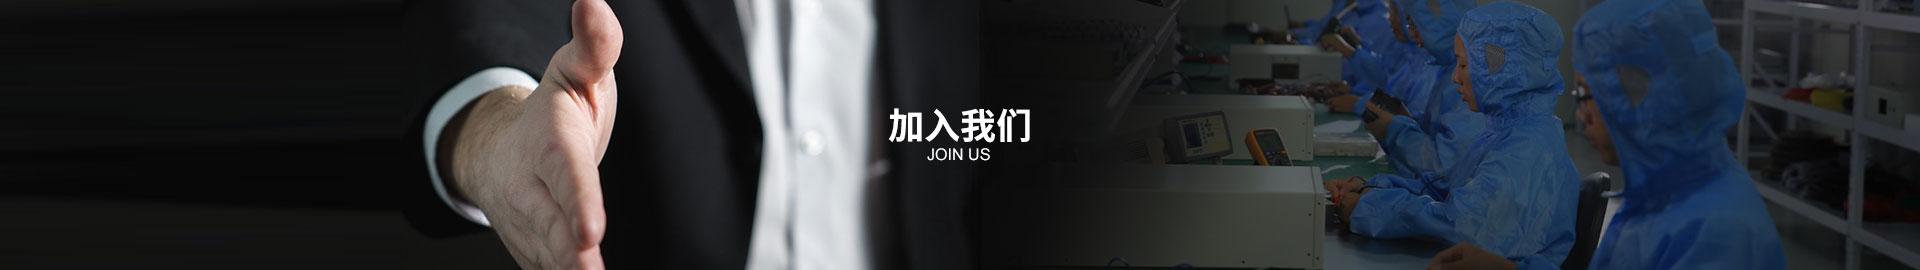 加入我们广告位